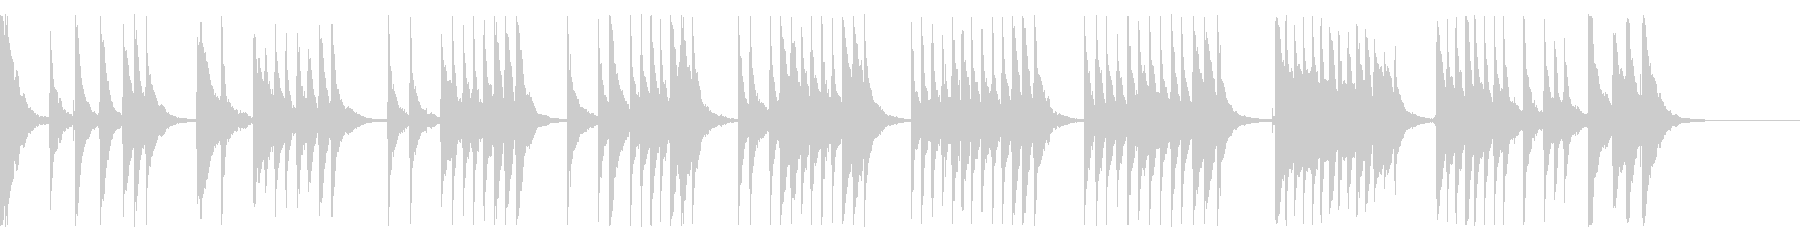 「通りゃんせ」三味線ソロの未再生の波形